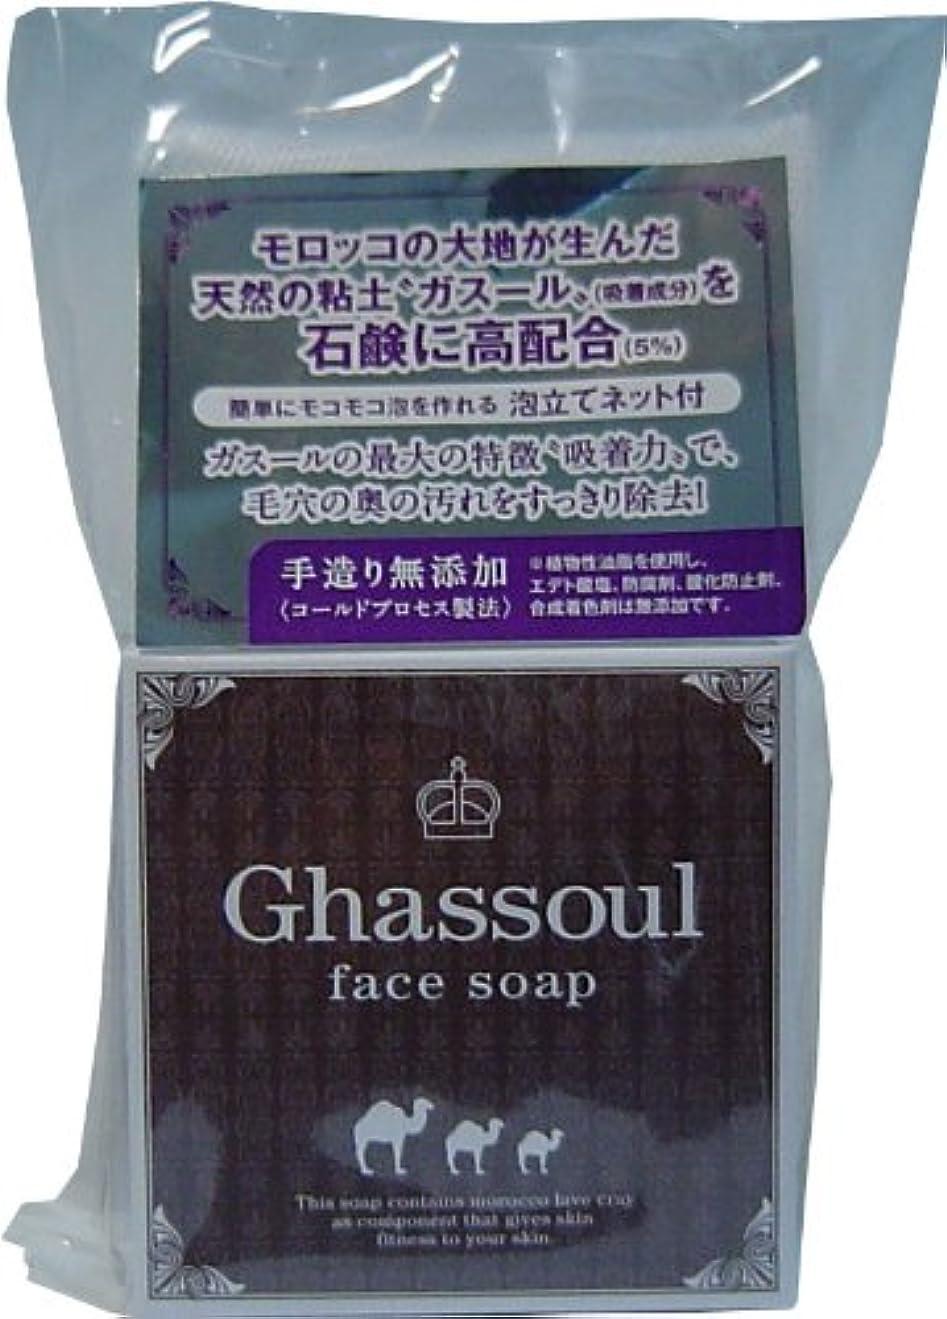 アコードはがきスキームGhassoul face soap ガスールフェイスソープ 100g (商品内訳:単品1個)